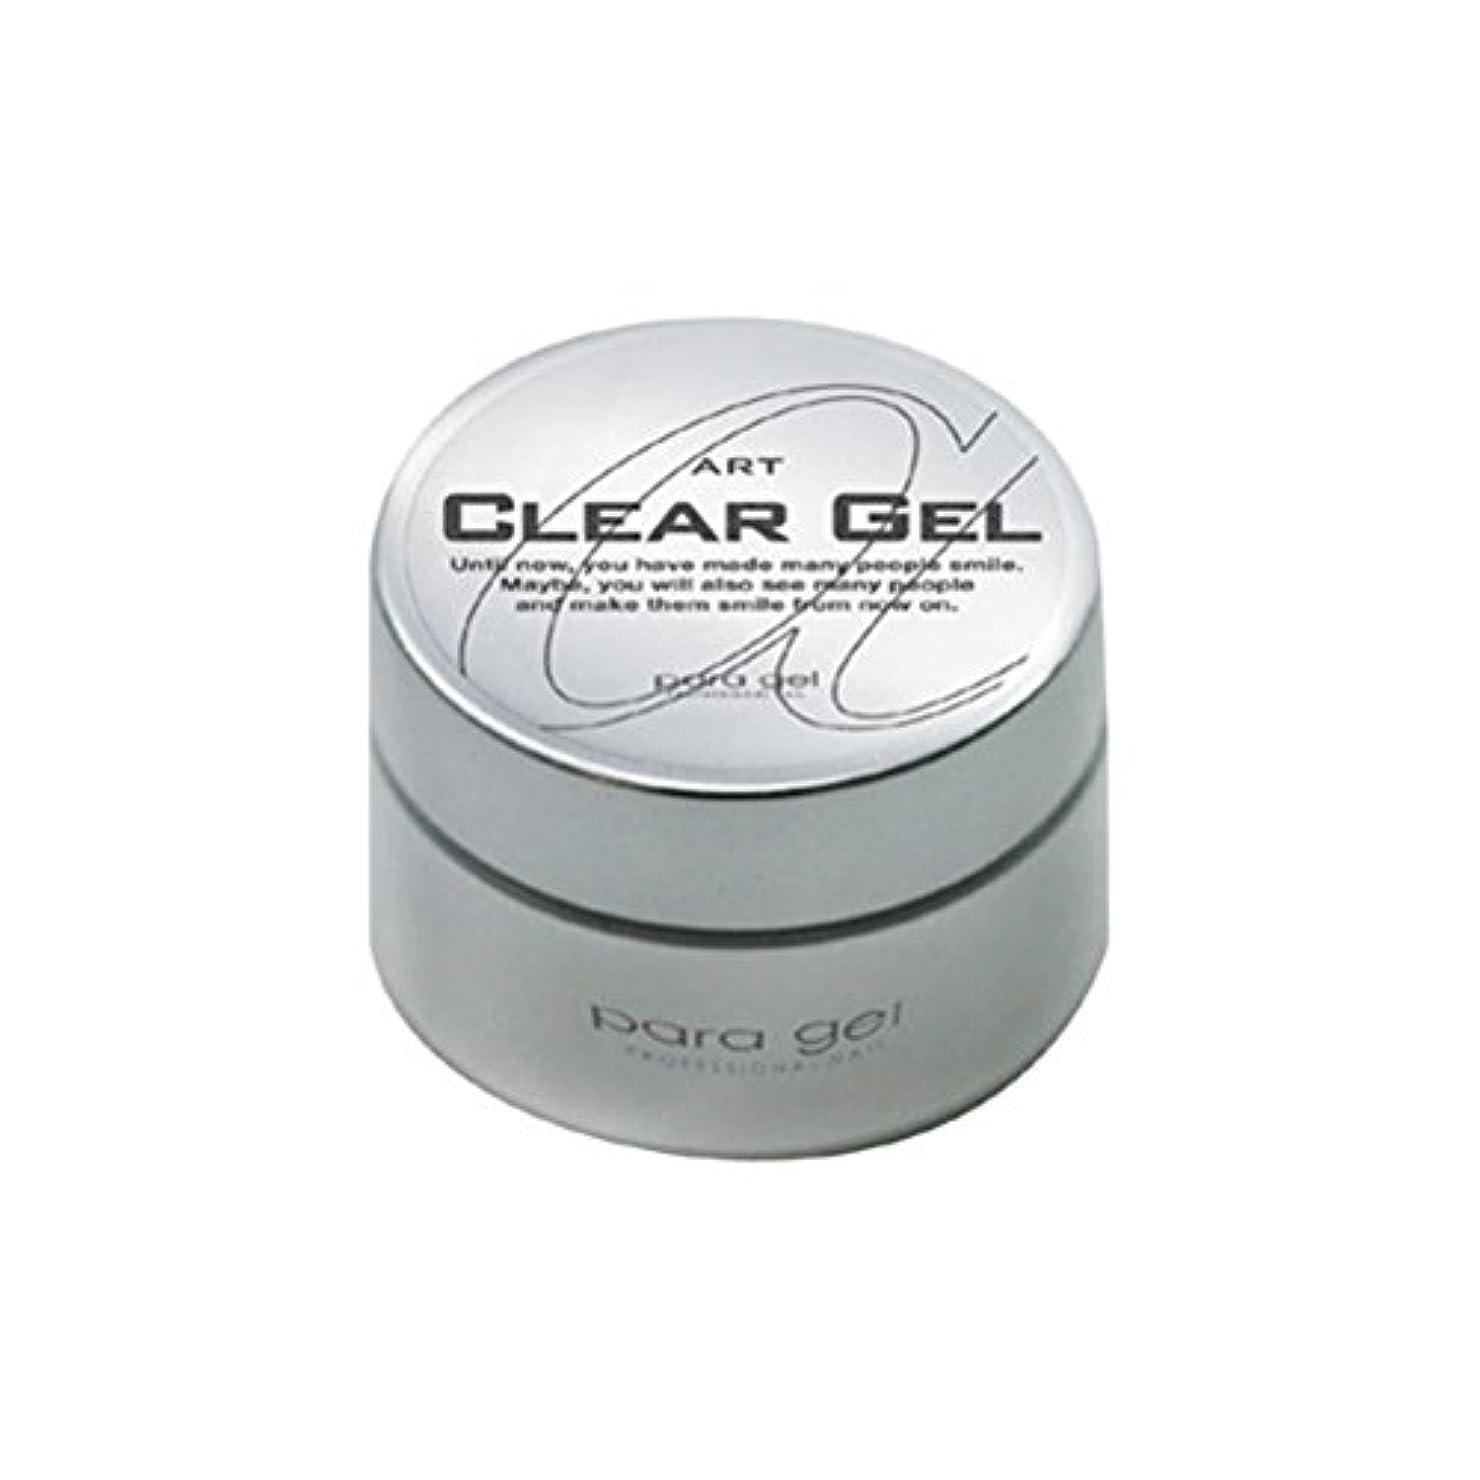 徹底的に不忠学ぶpara gel アートクリアジェル 10g サンディング不要のベースジェル